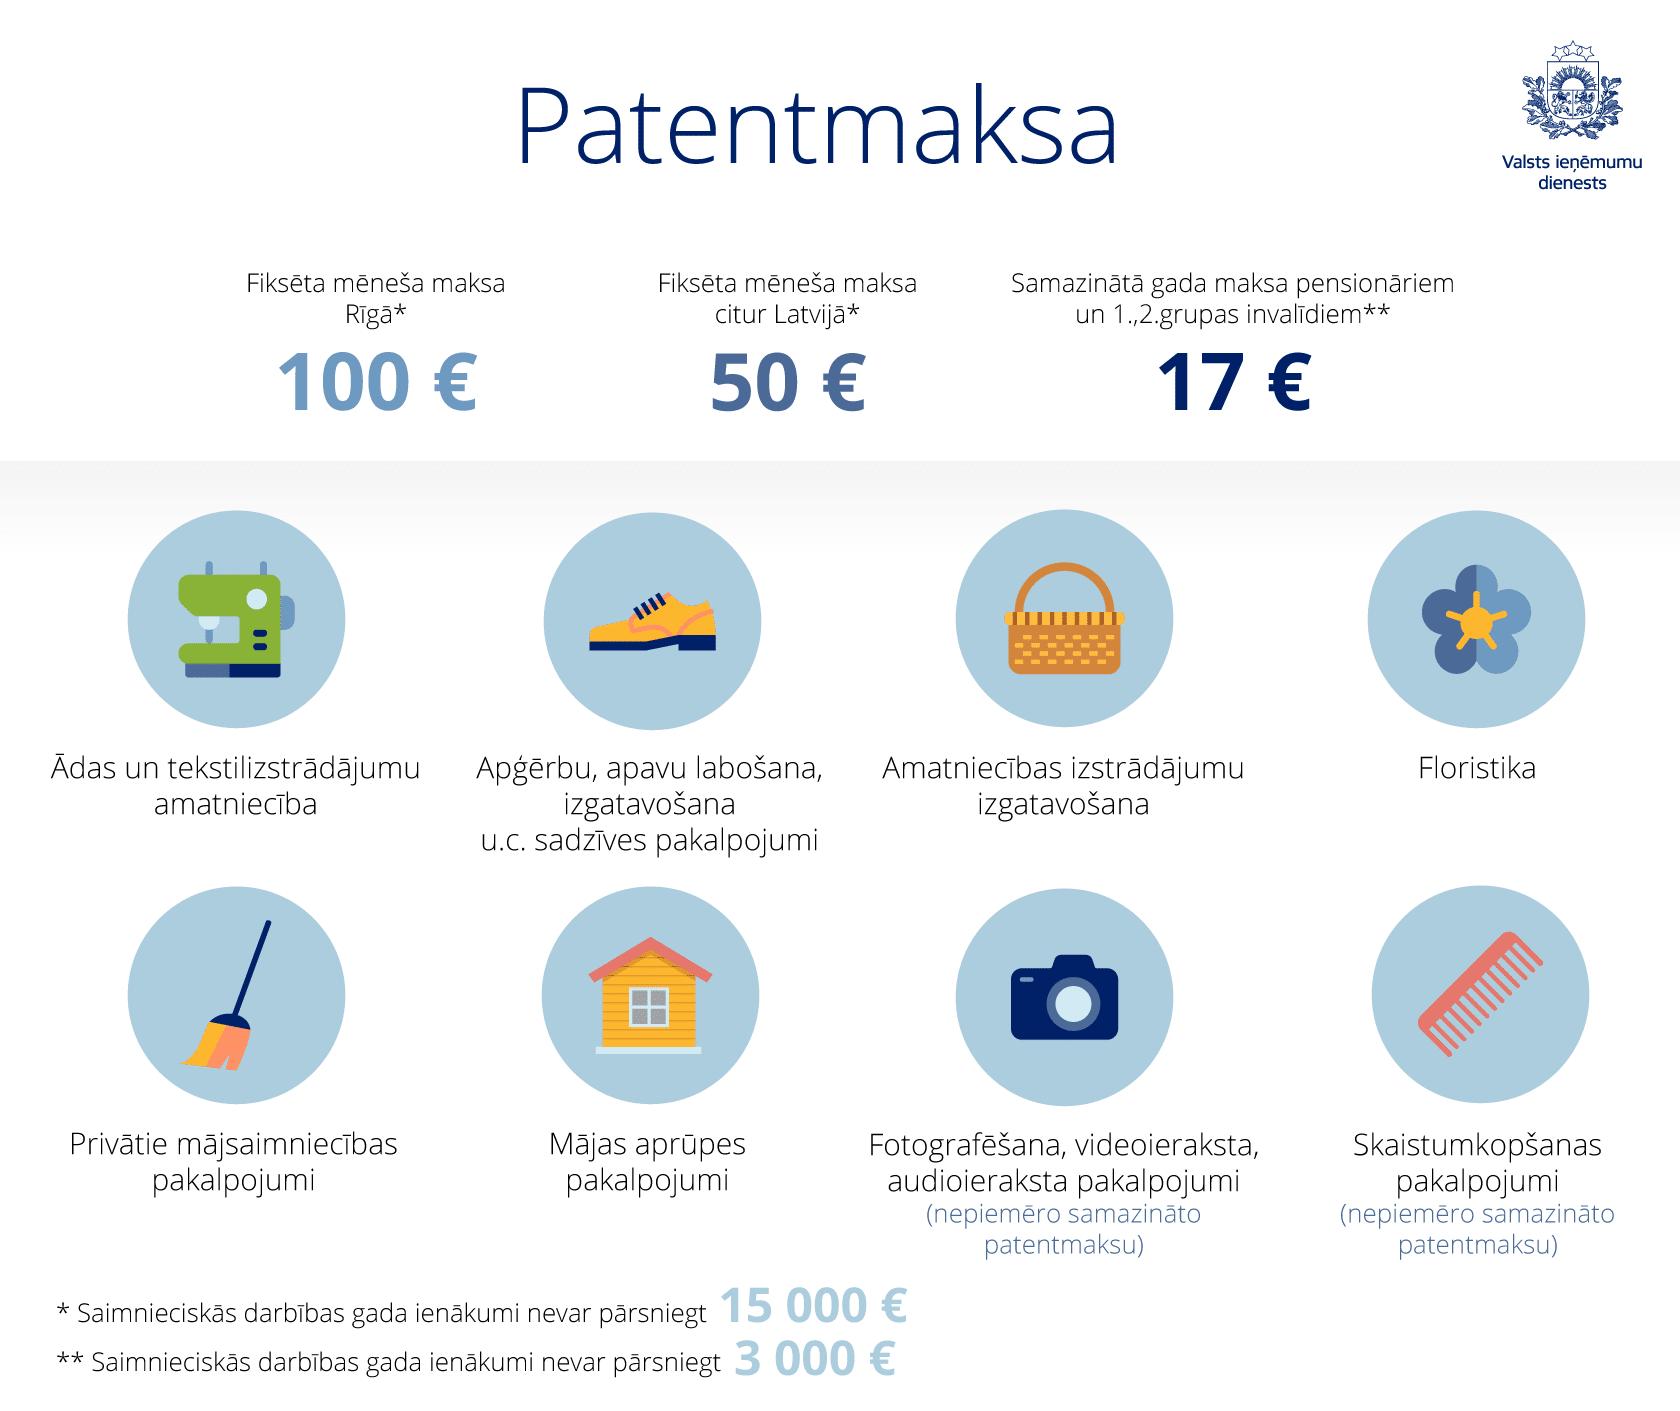 Uz trim mēnešiem bez samaksas var pagarināt patentmaksas piemērošanas termiņu